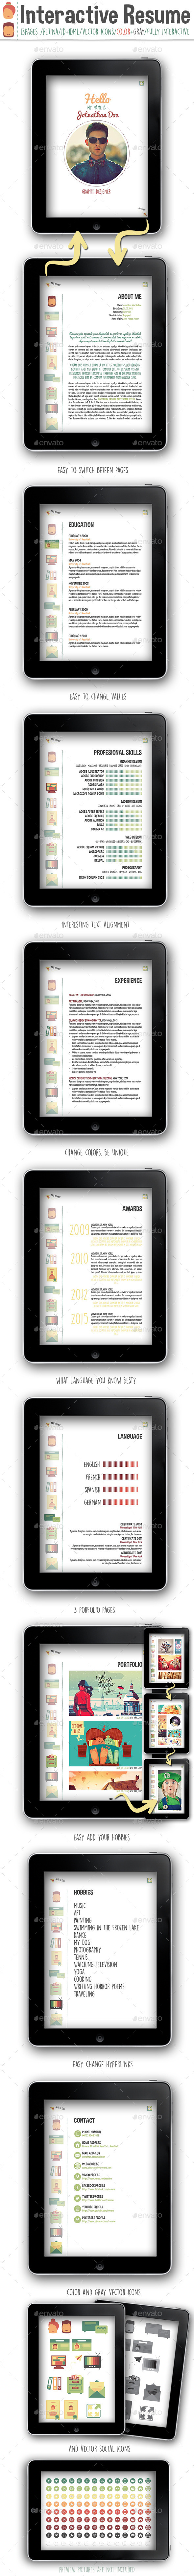 GraphicRiver Interactive Resume PDF 10550935